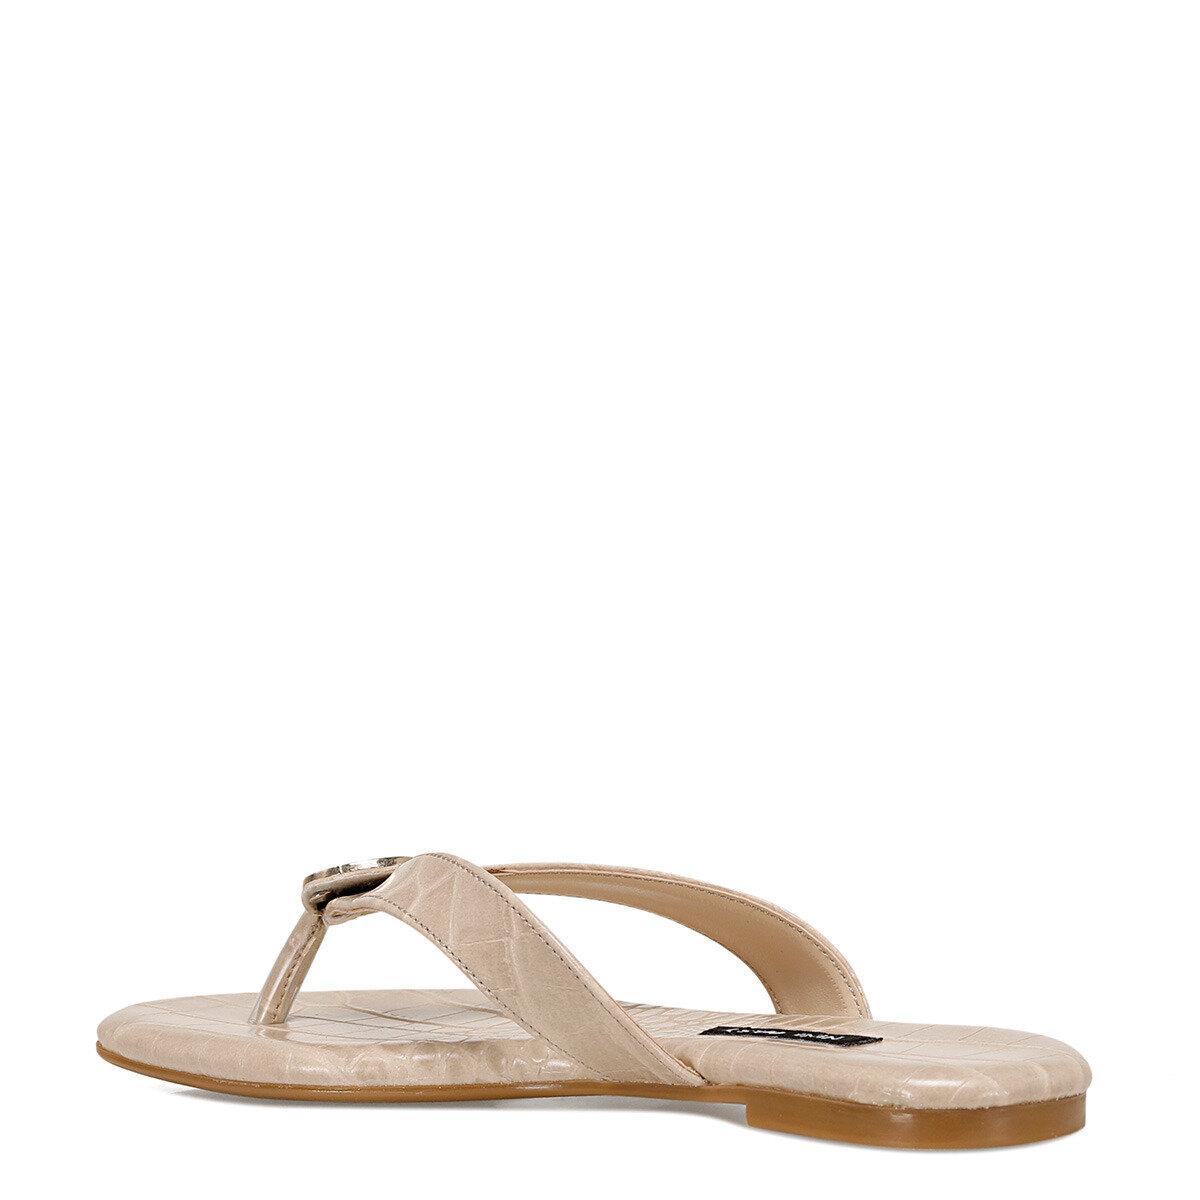 AVANA Bej Kadın Parmak Arası Sandalet